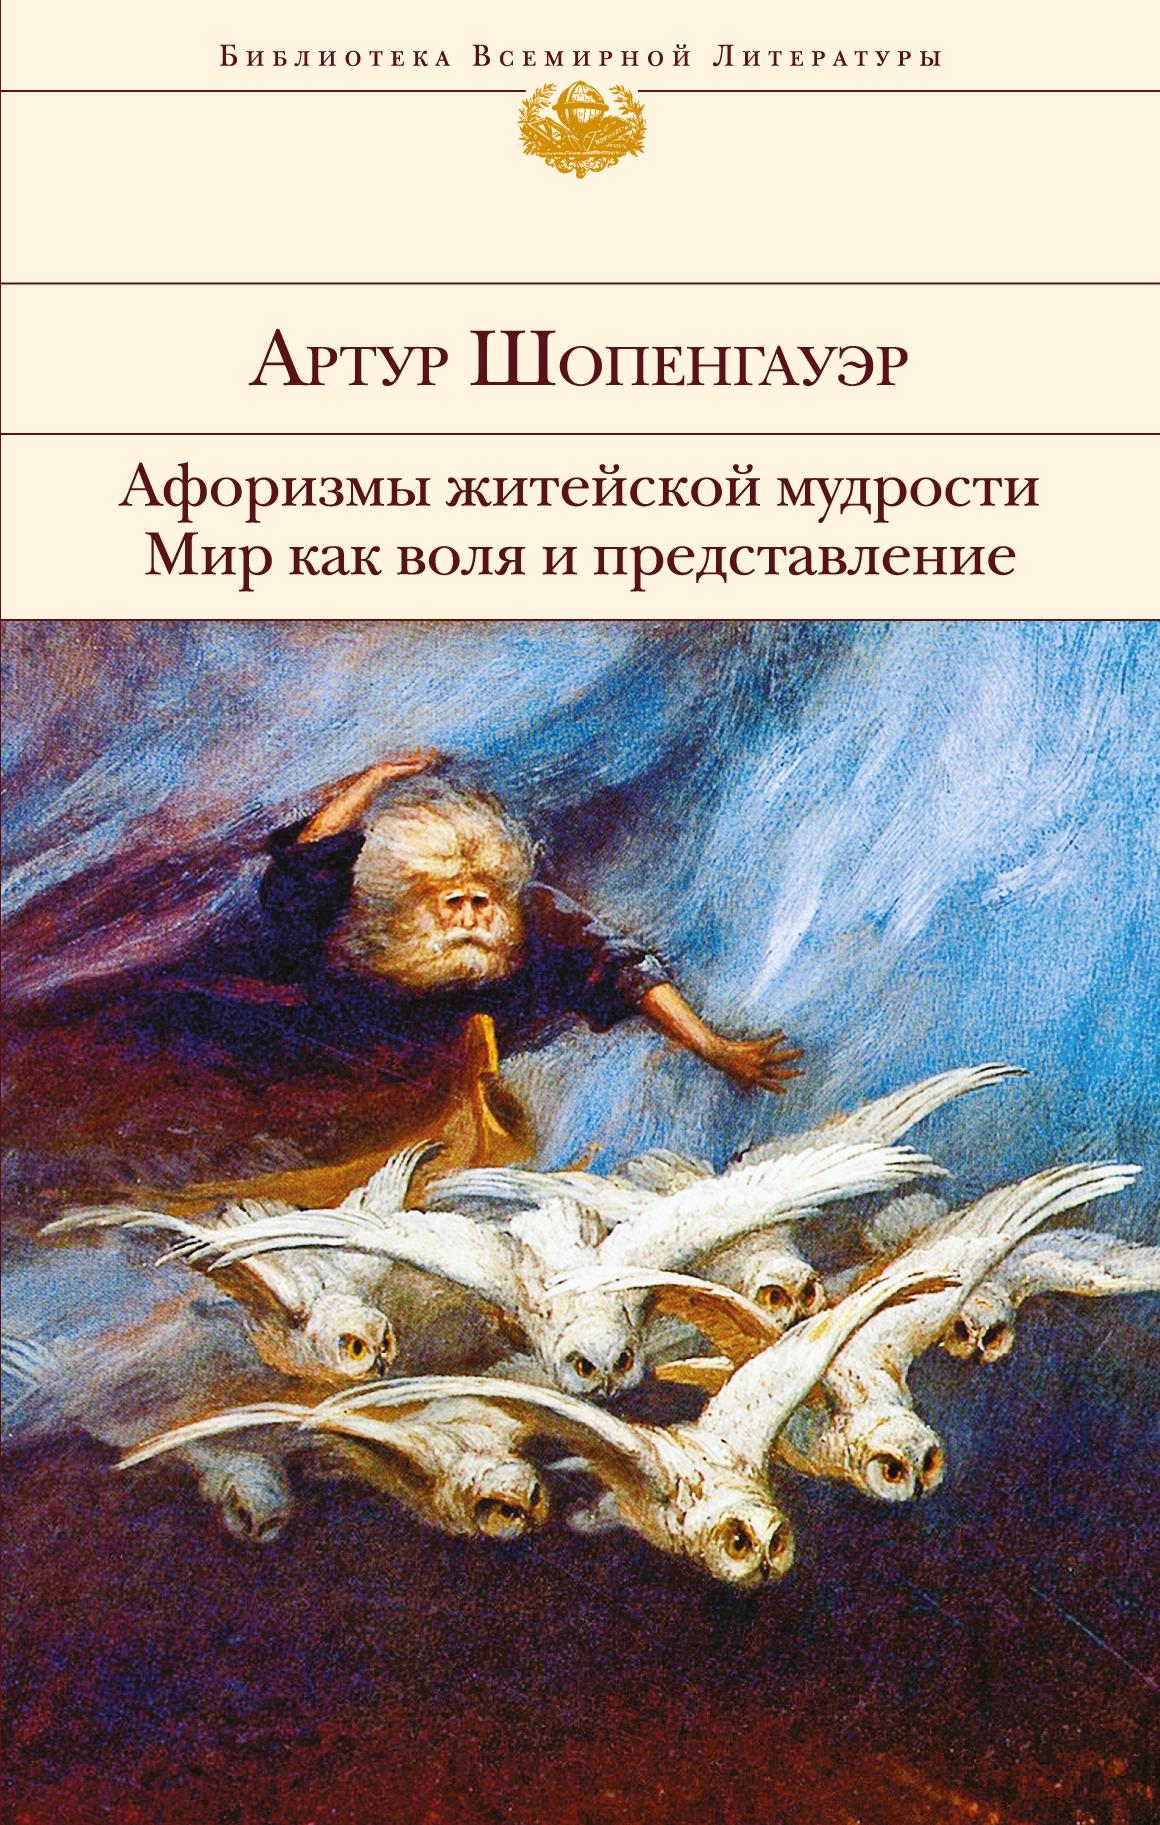 Шопенгауэр А. Афоризмы житейской мудрости. Мир как воля и представление